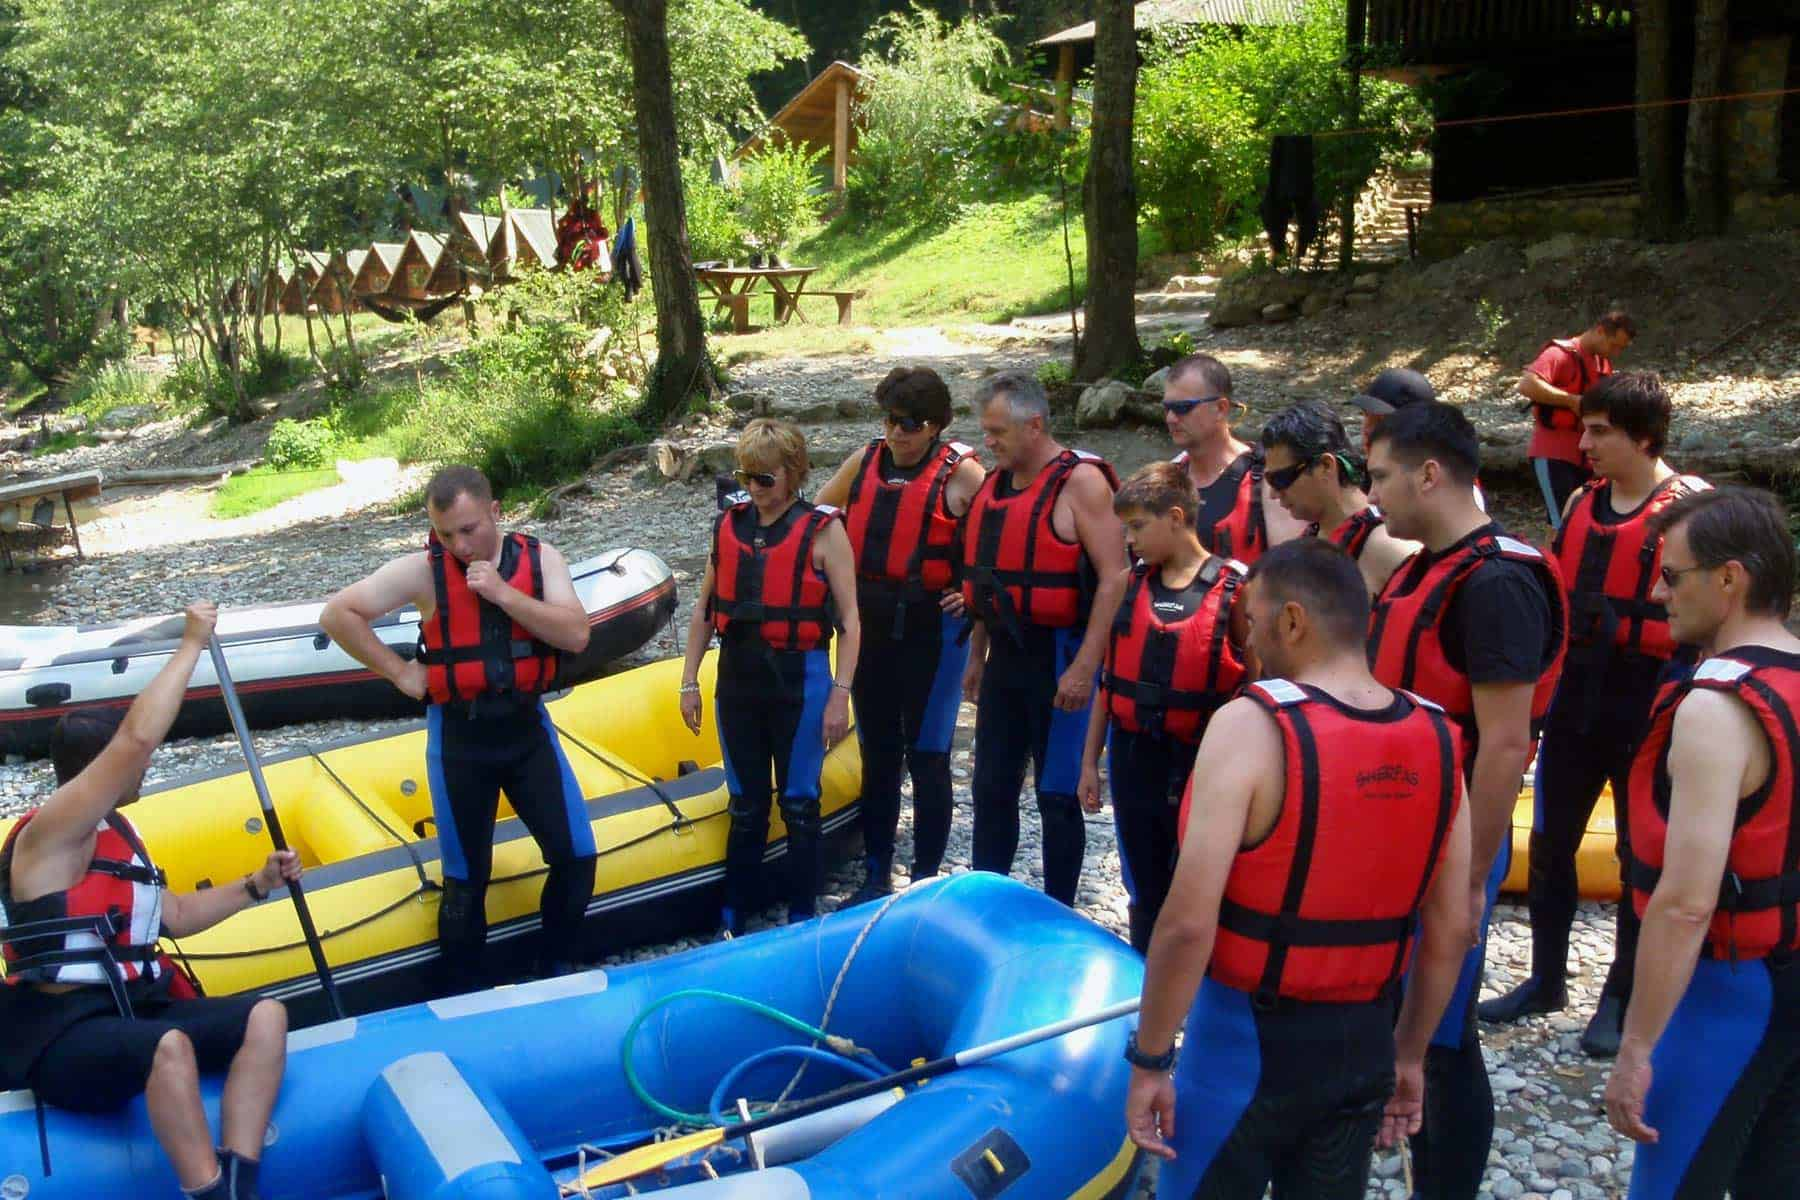 Preparation before rafting adventure begins